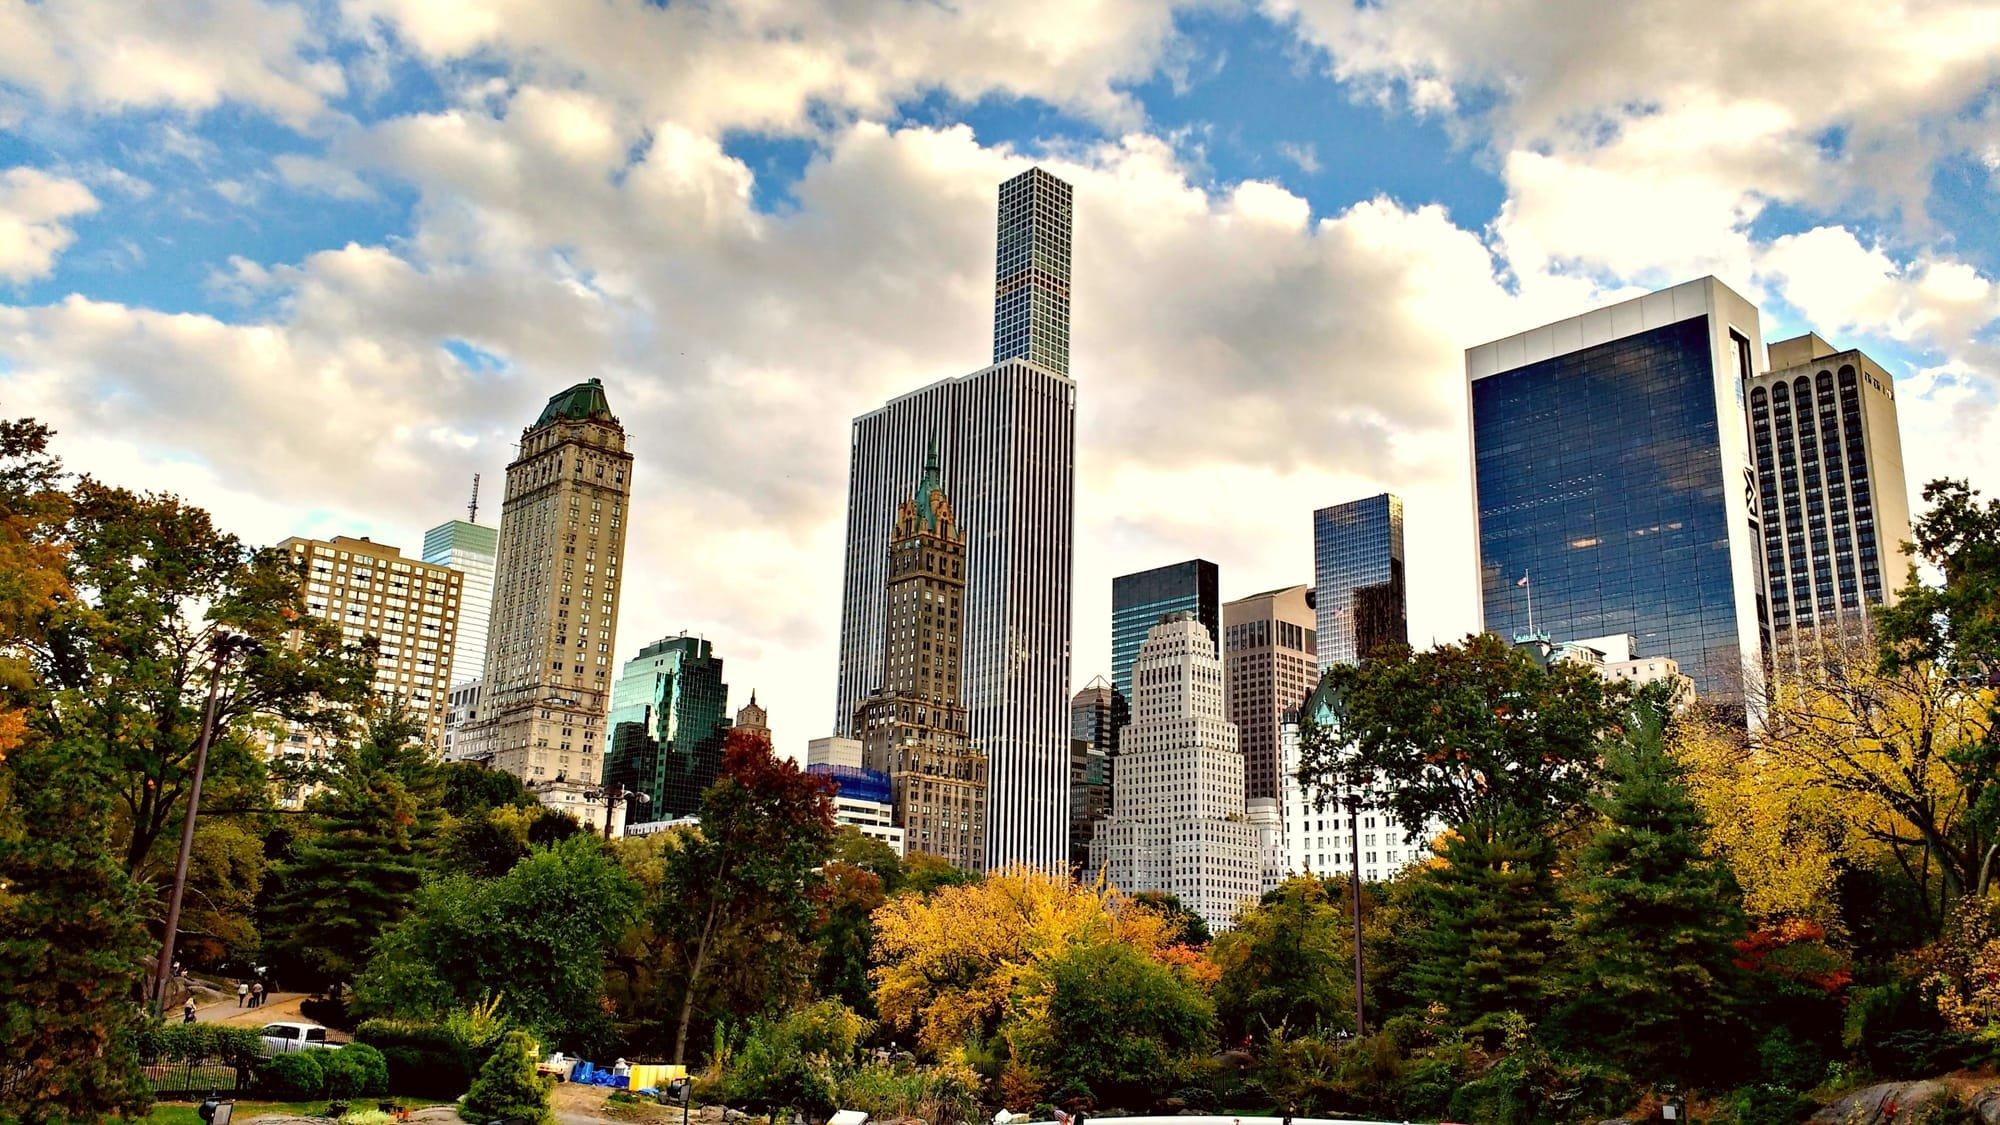 Perspectiva de algunos rascacielos de Manhattan en Nueva York via pexels